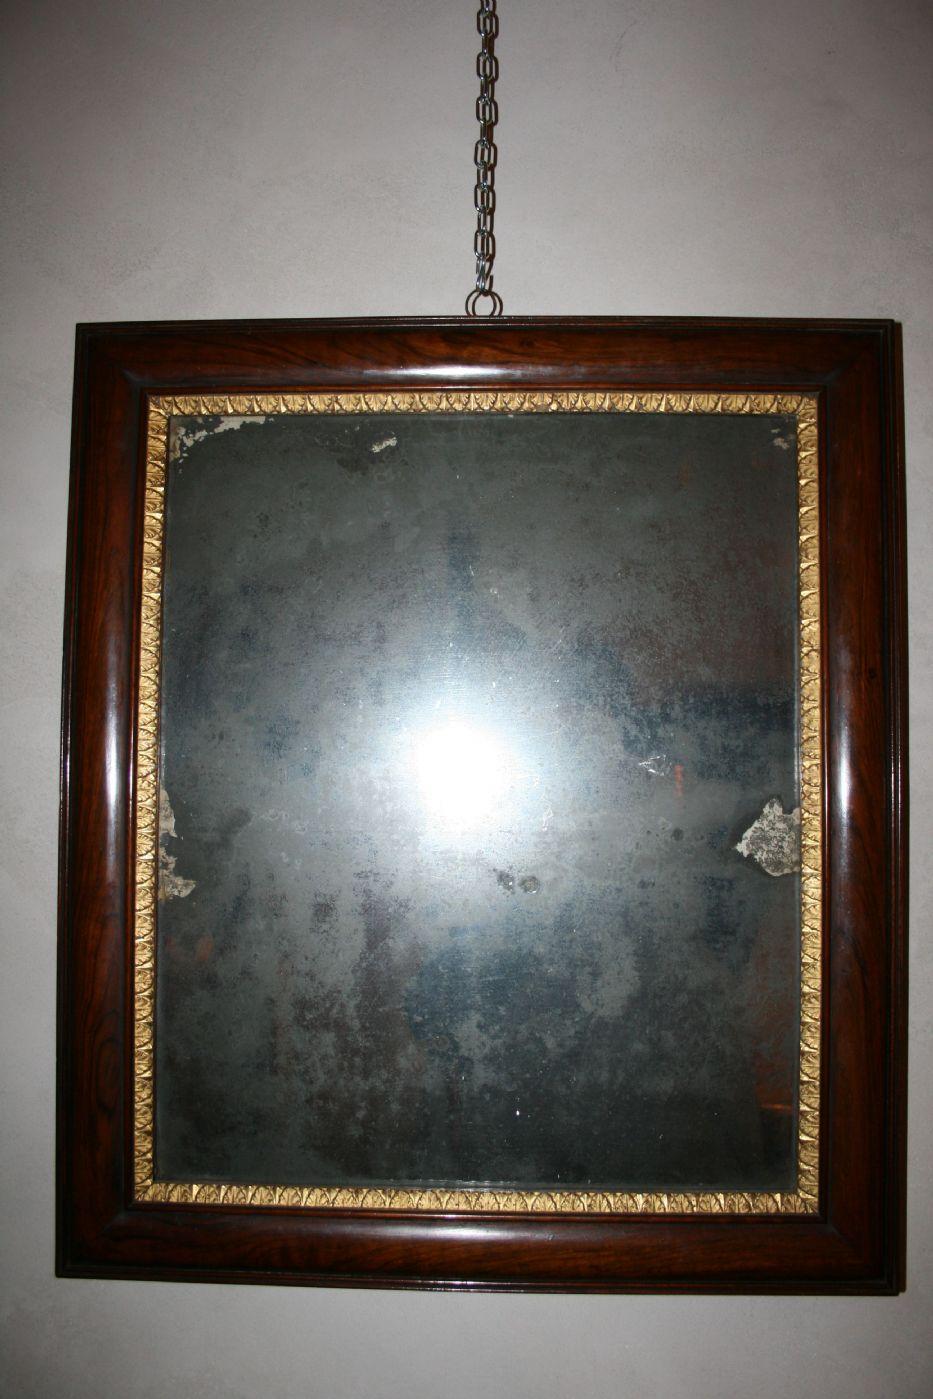 Specchiera in noce e oro con specchio al mercurio italia epoca impero - Specchio al mercurio ...